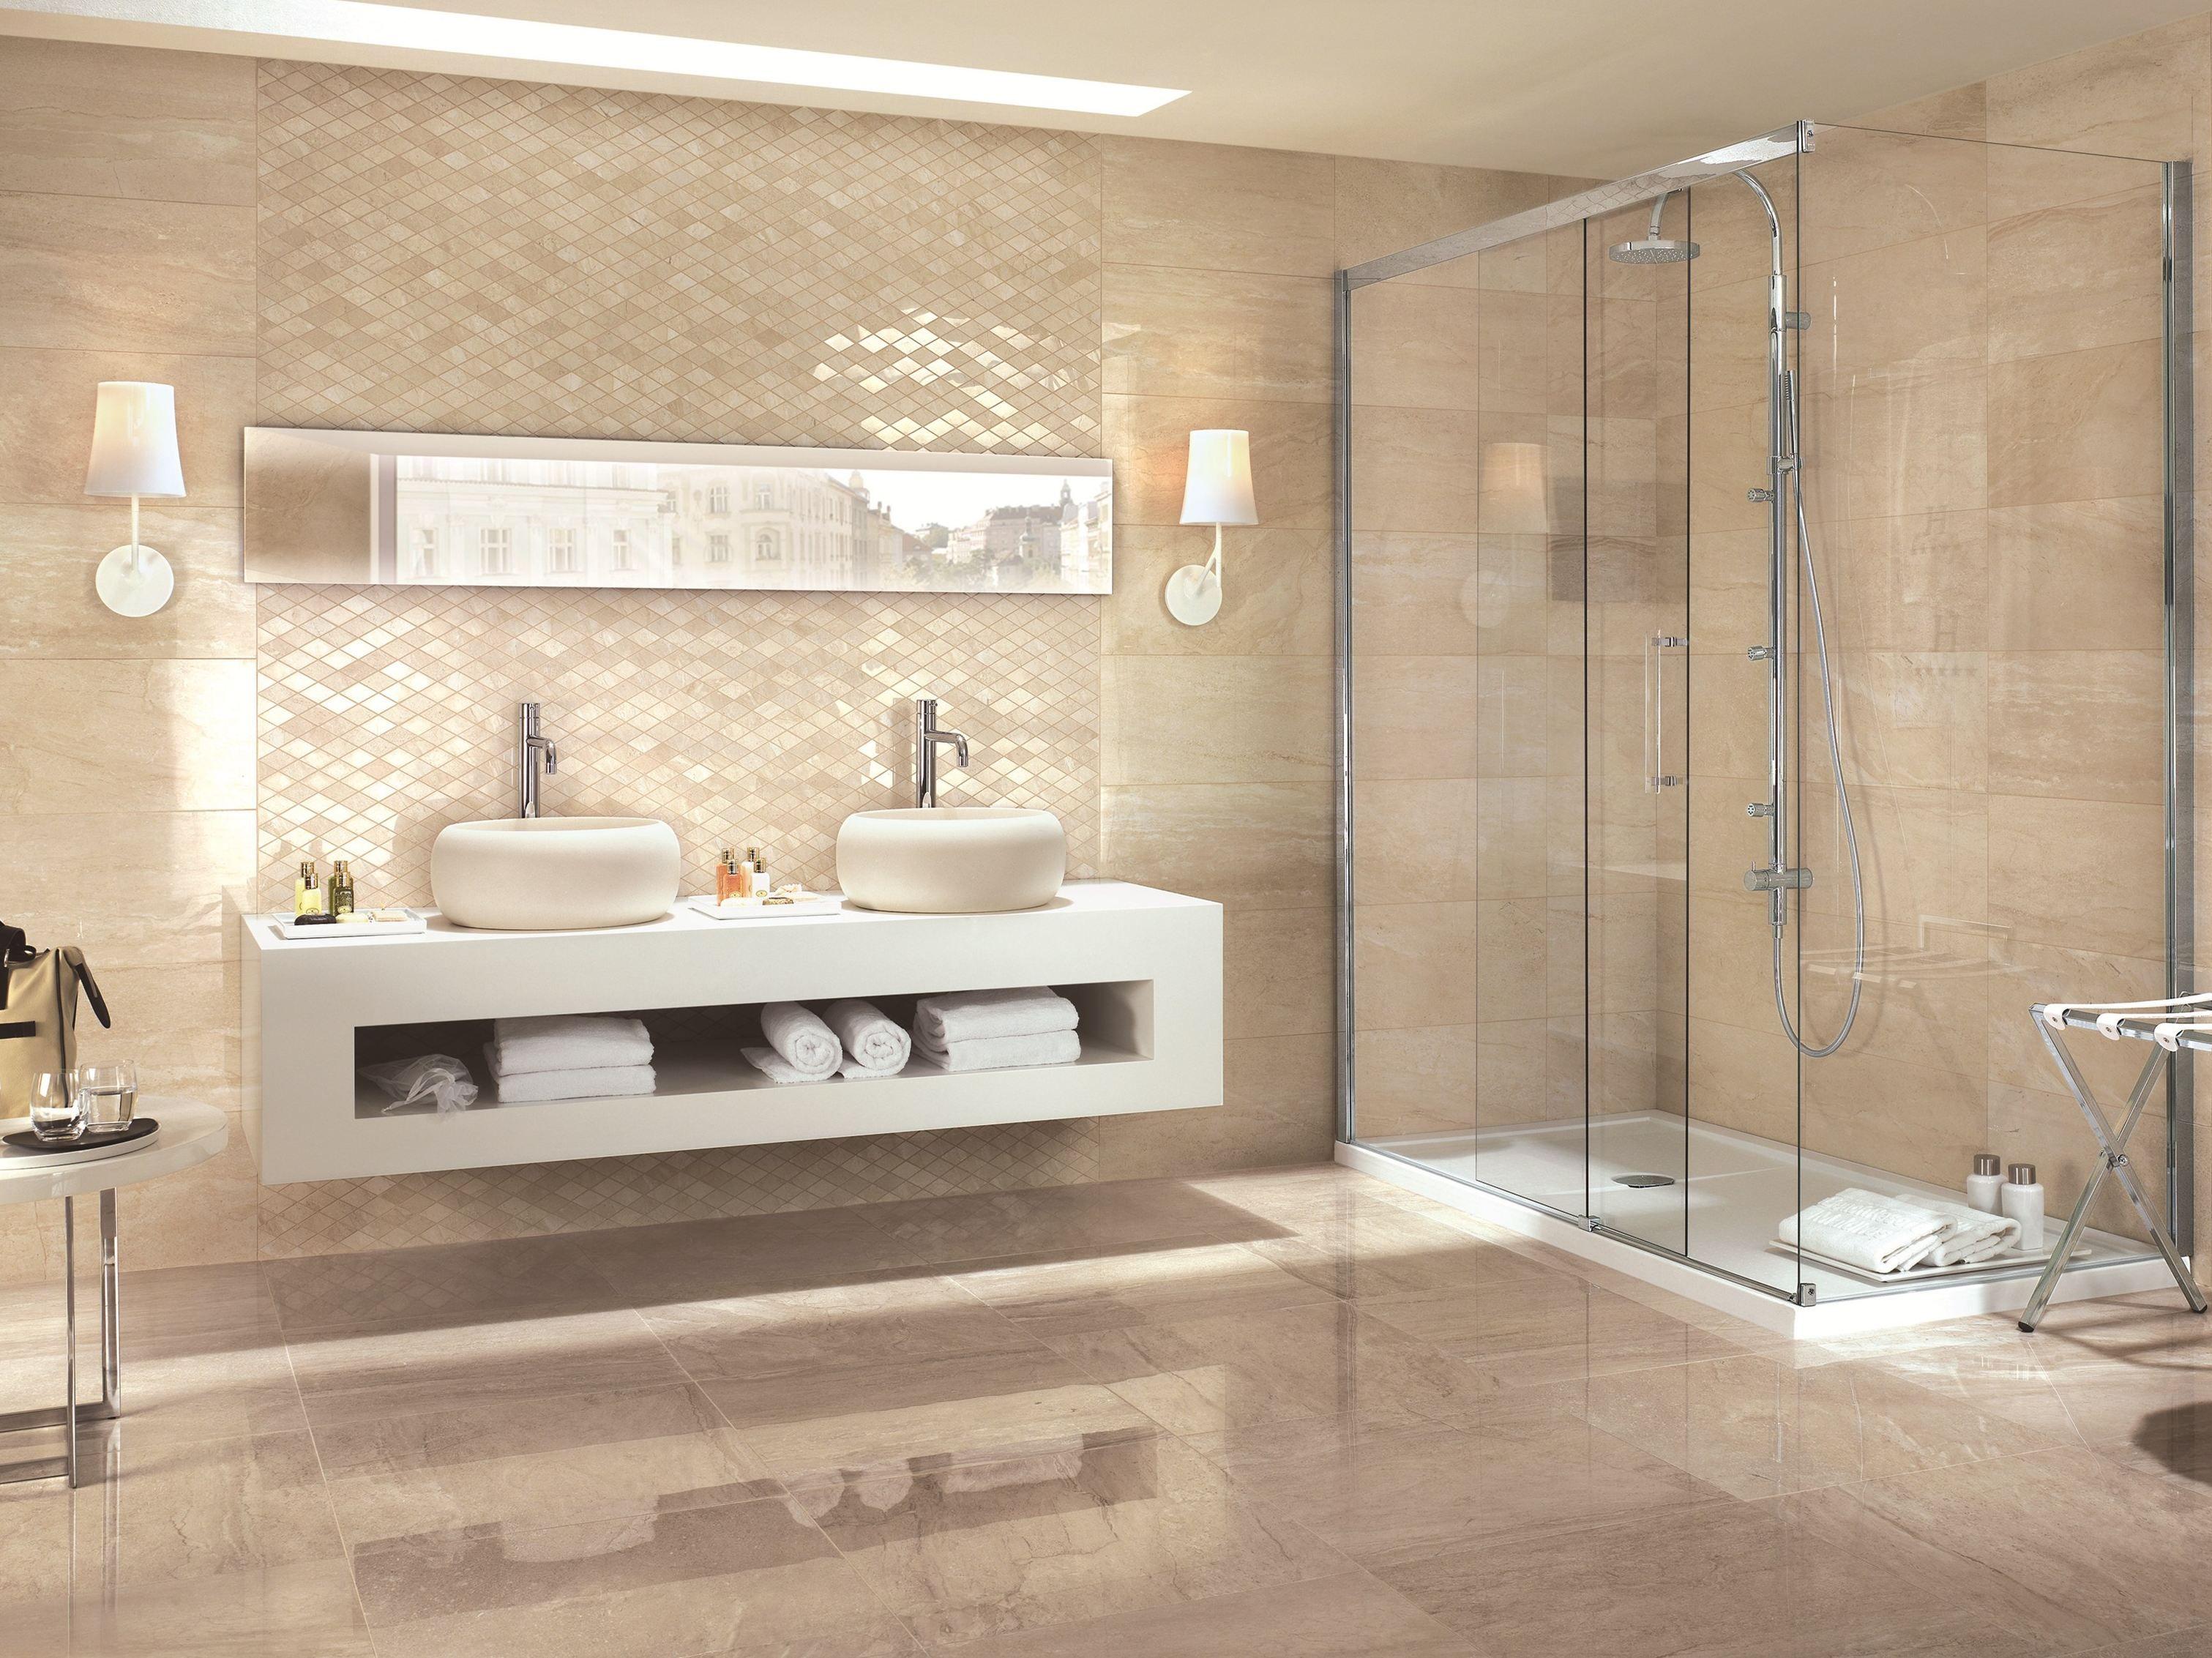 piastrelle bagno effetto legno prezzi ~ Comarg.com = Interior Design ...